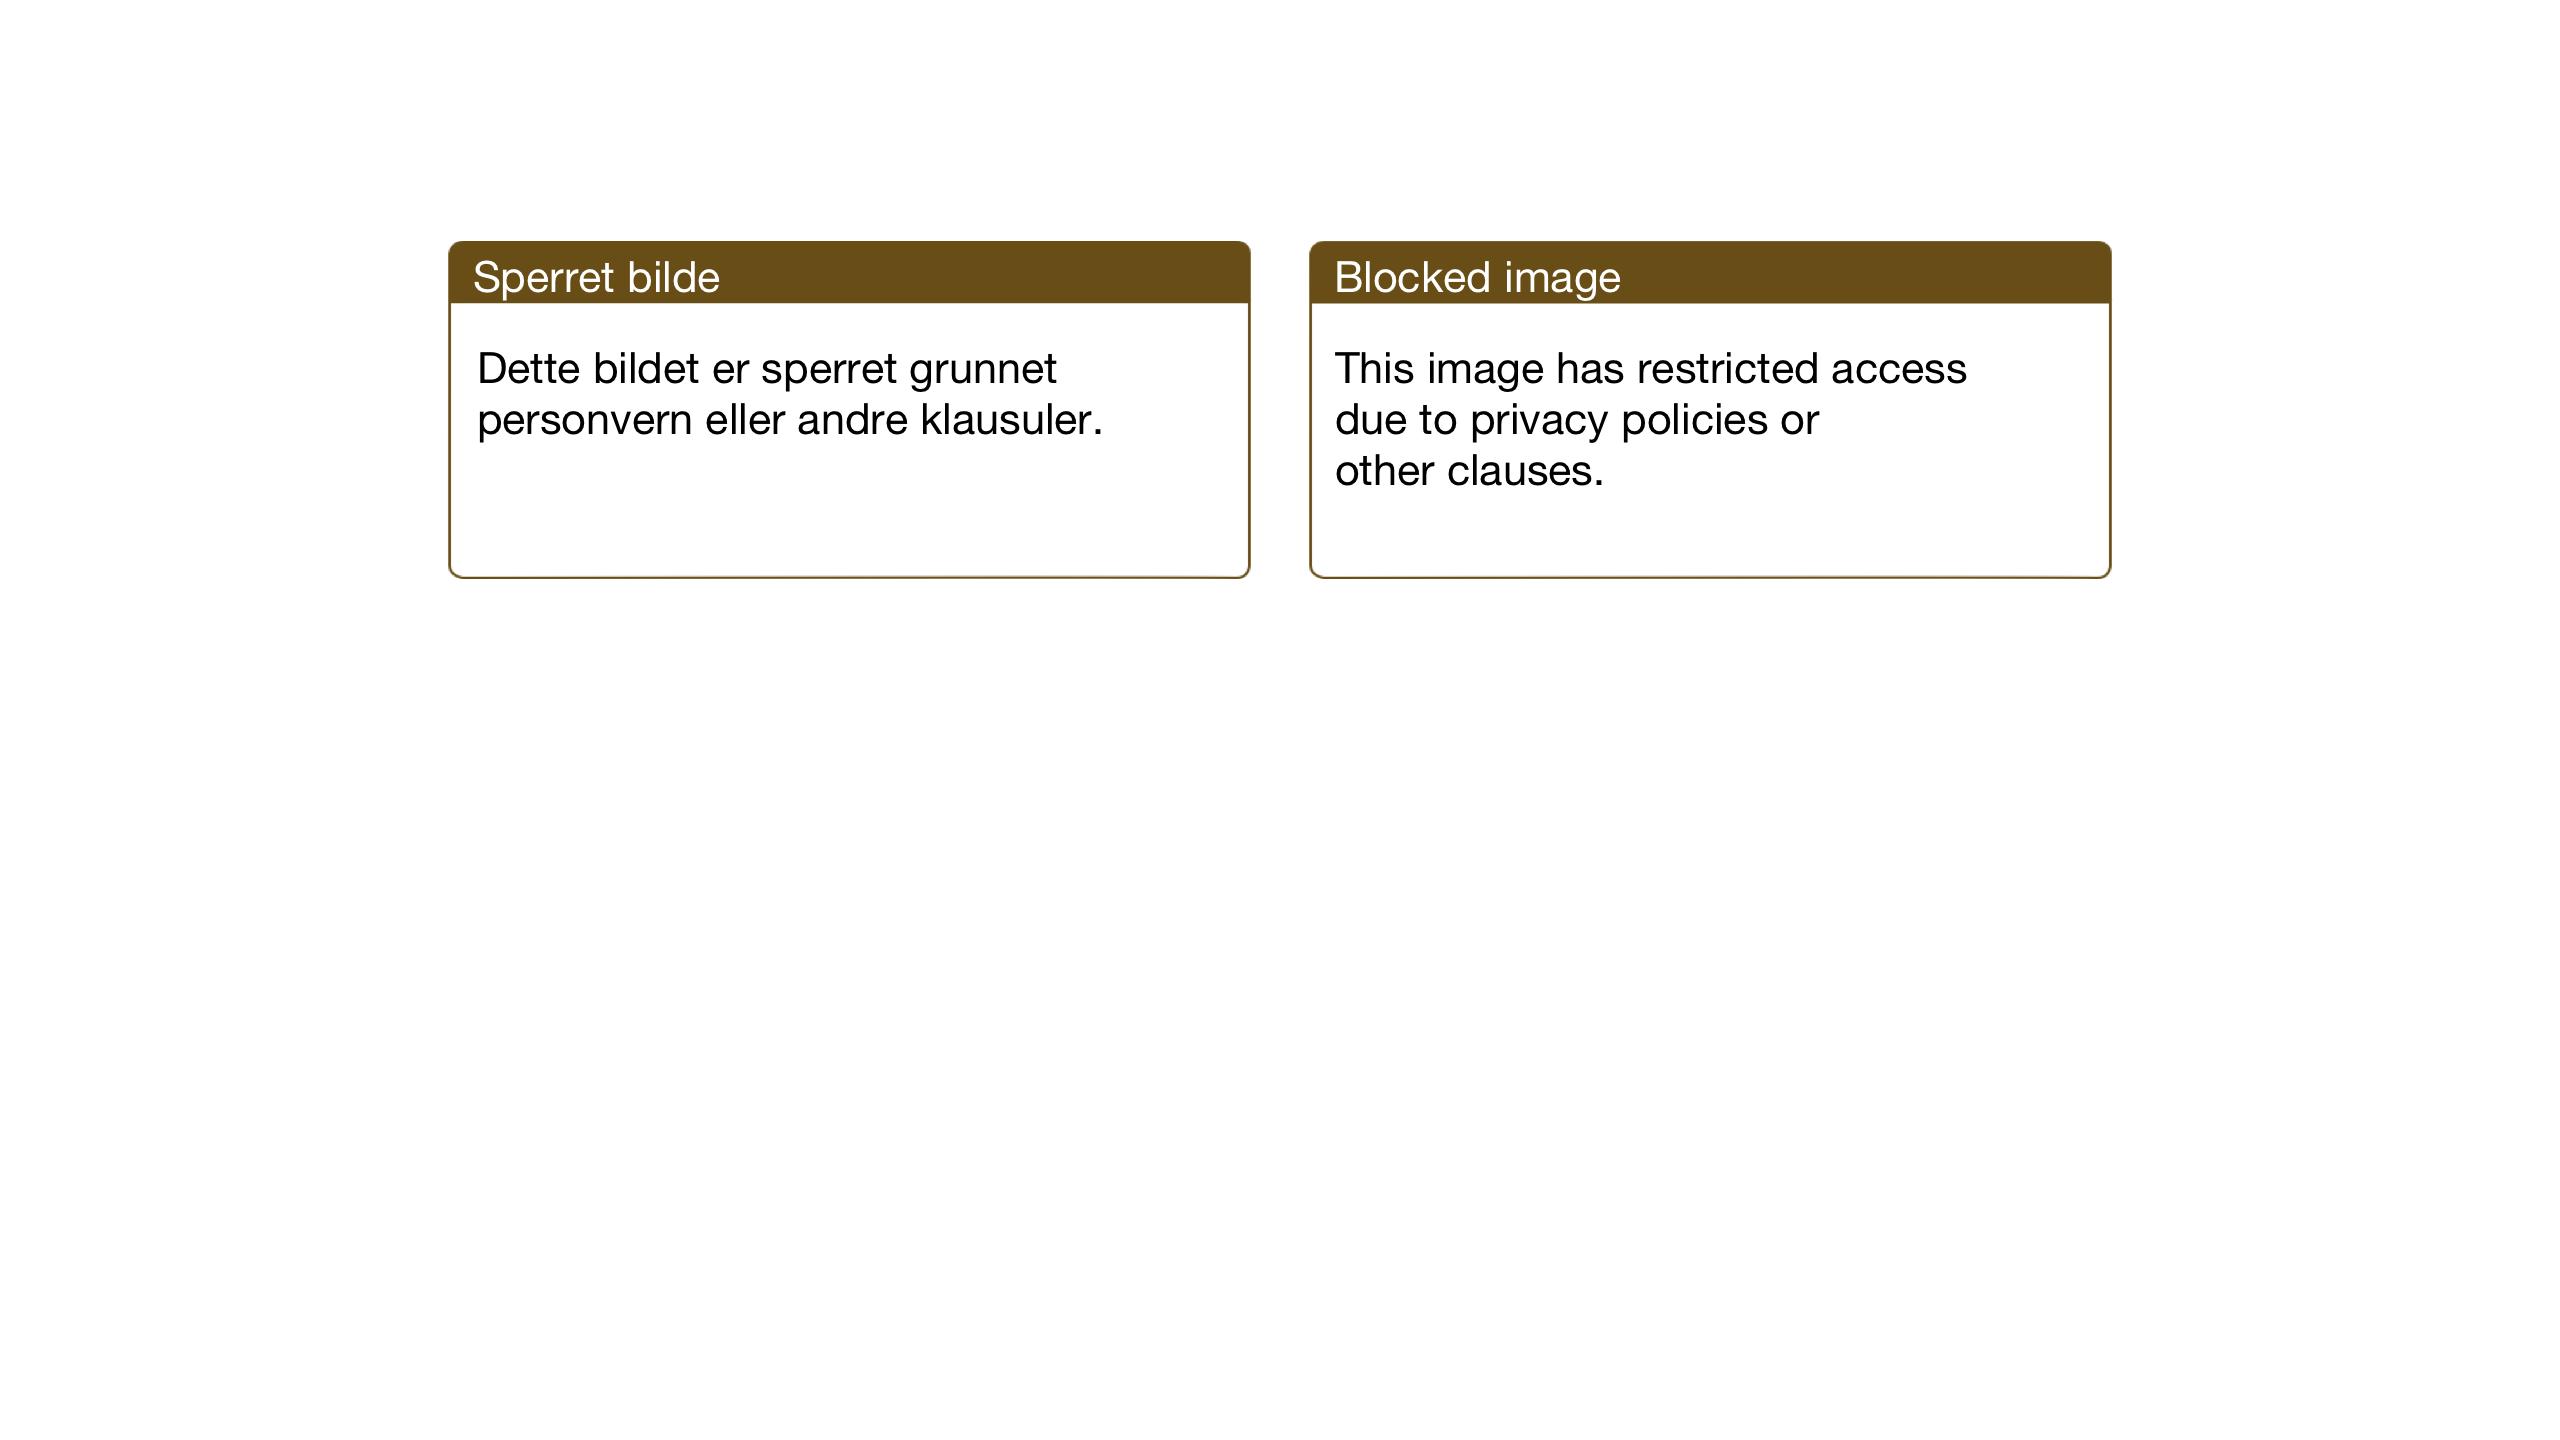 SAT, Ministerialprotokoller, klokkerbøker og fødselsregistre - Sør-Trøndelag, 602/L0151: Klokkerbok nr. 602C19, 1925-1951, s. 105